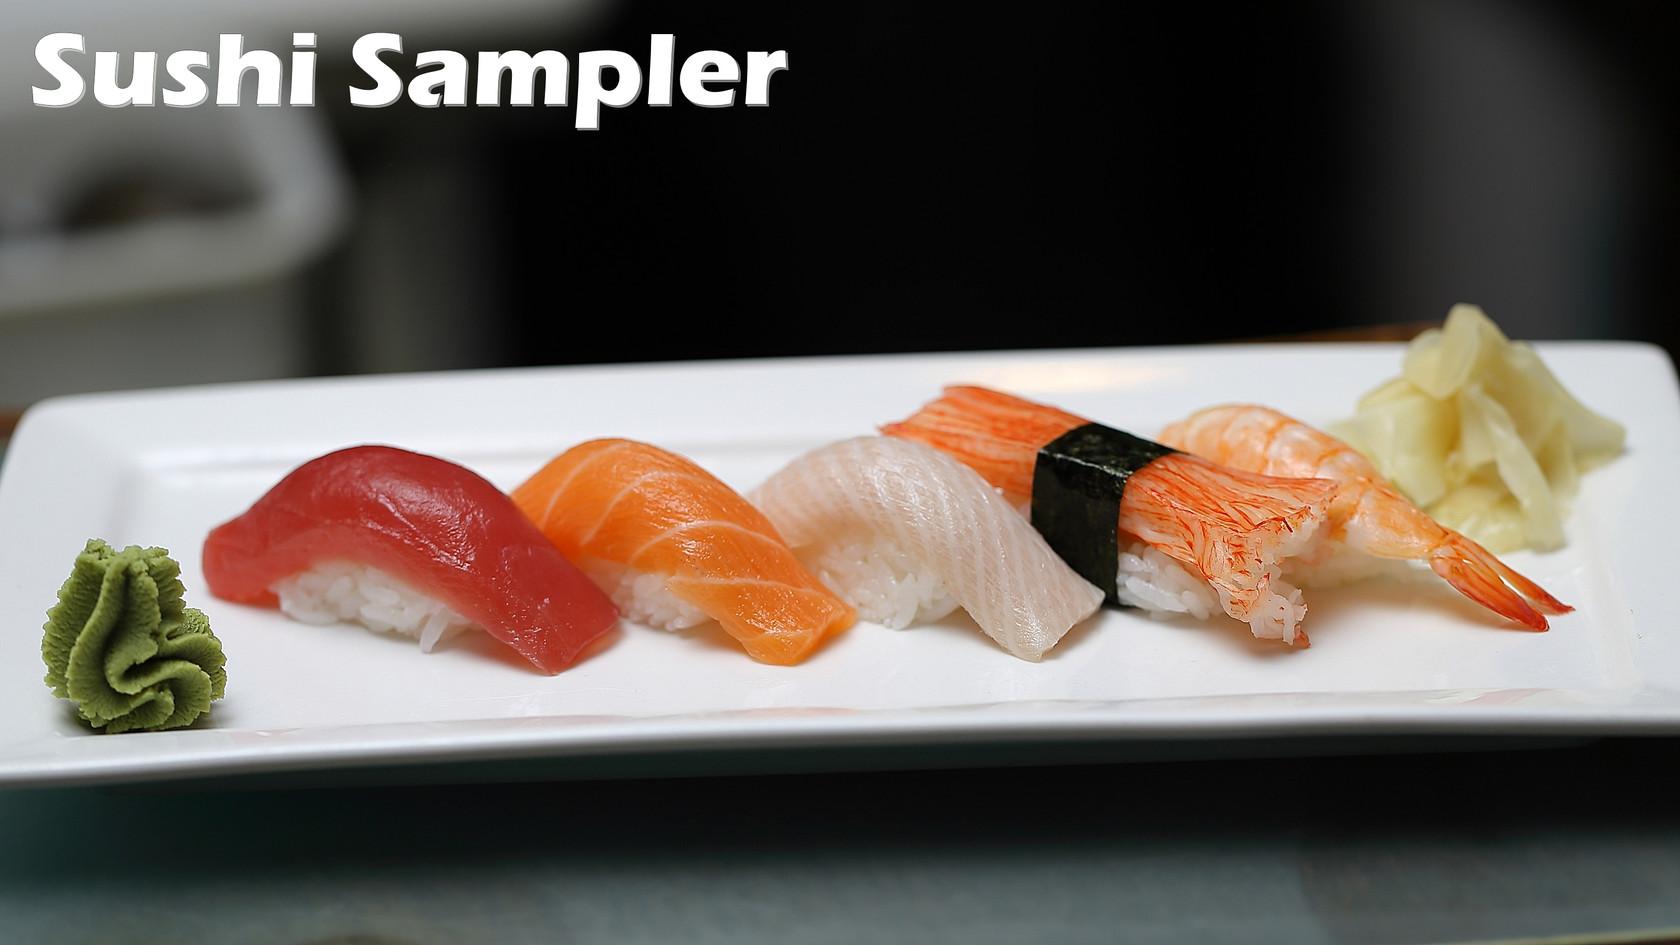 Sushi Sampler 06.JPG